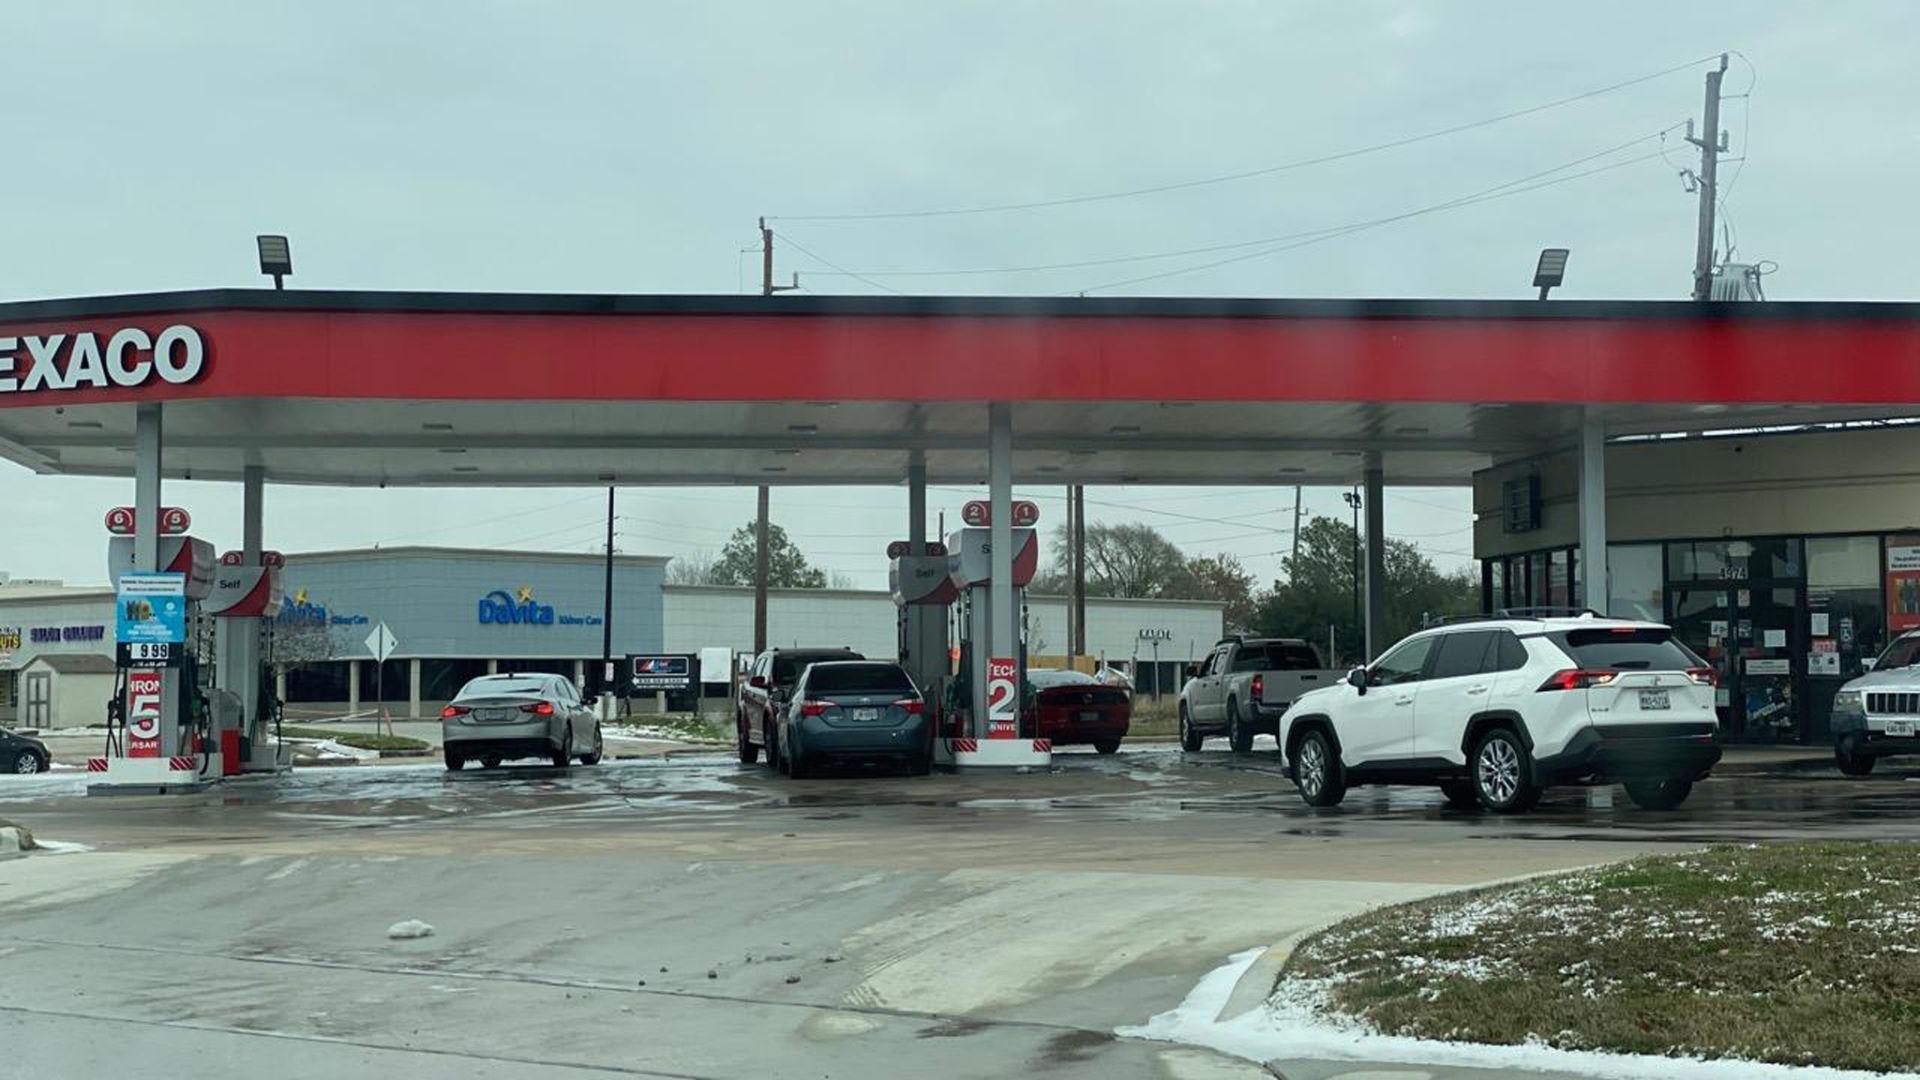 Bão tuyết gây cúp điện, cúp nước, người gốc Việt ở Houston khốn đốn DP-Houston-2021-bao-tuyet-5